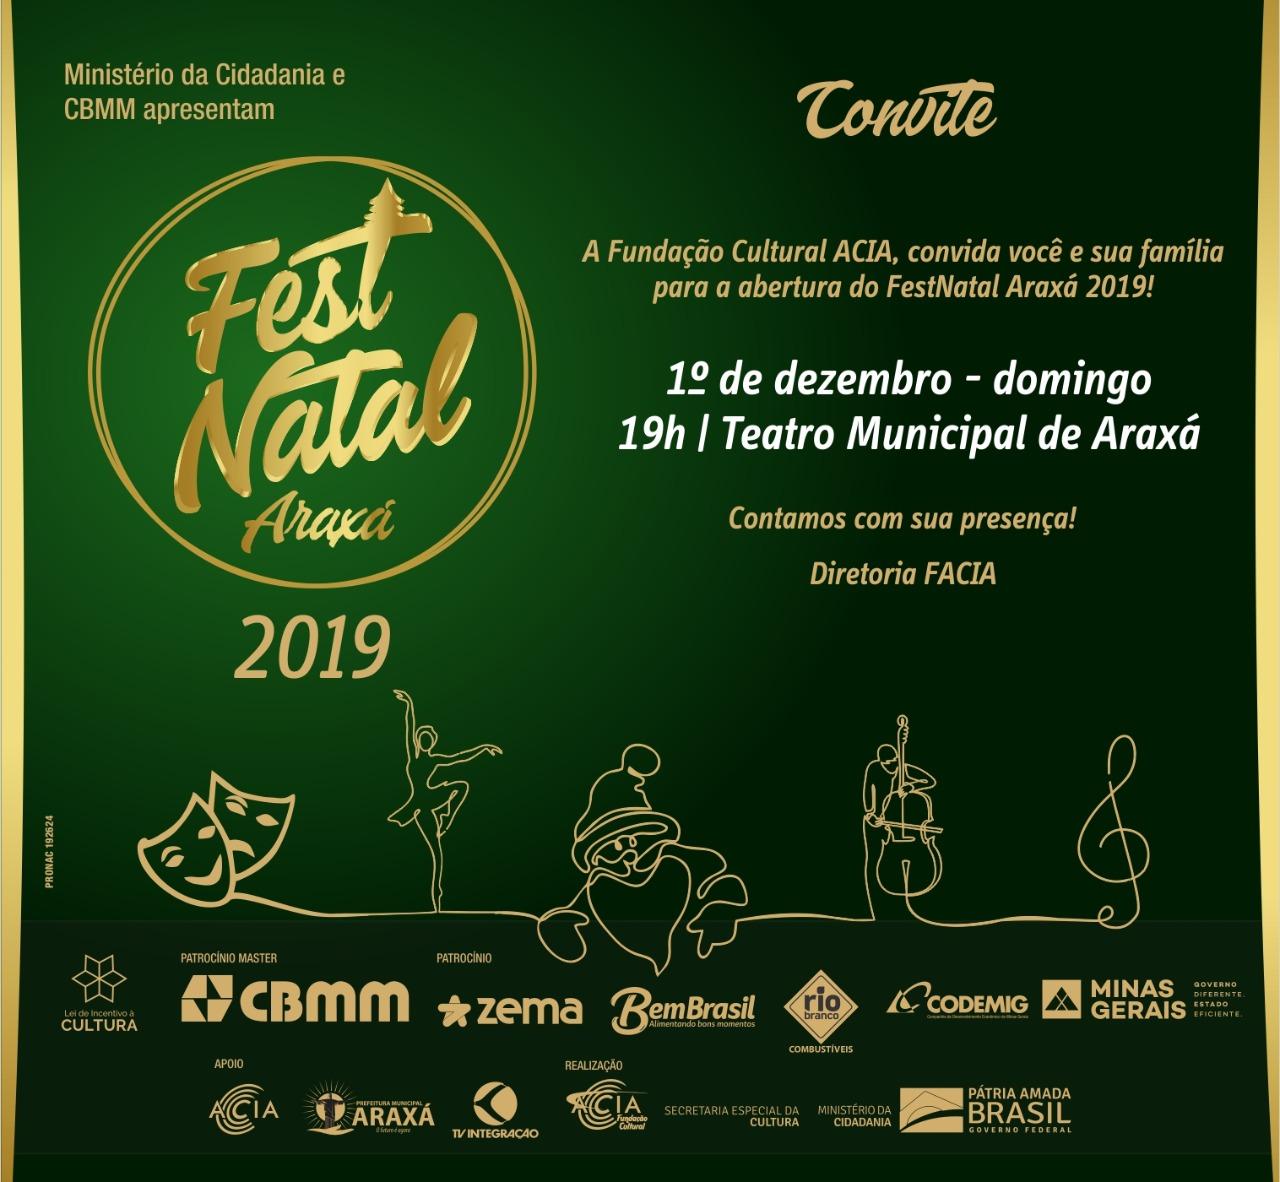 FESTNATAL 20196